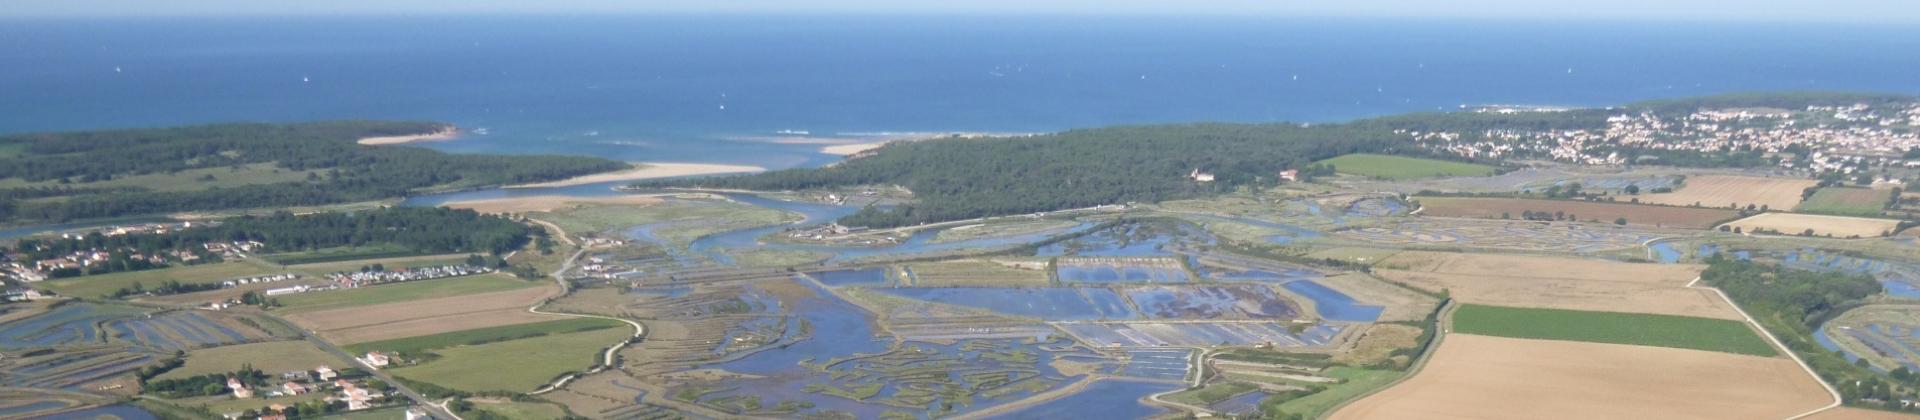 Acheter un Terrain à bâtir en Vendée à Talmont-Saint-Hilaire et en Indre et Loire à Tours